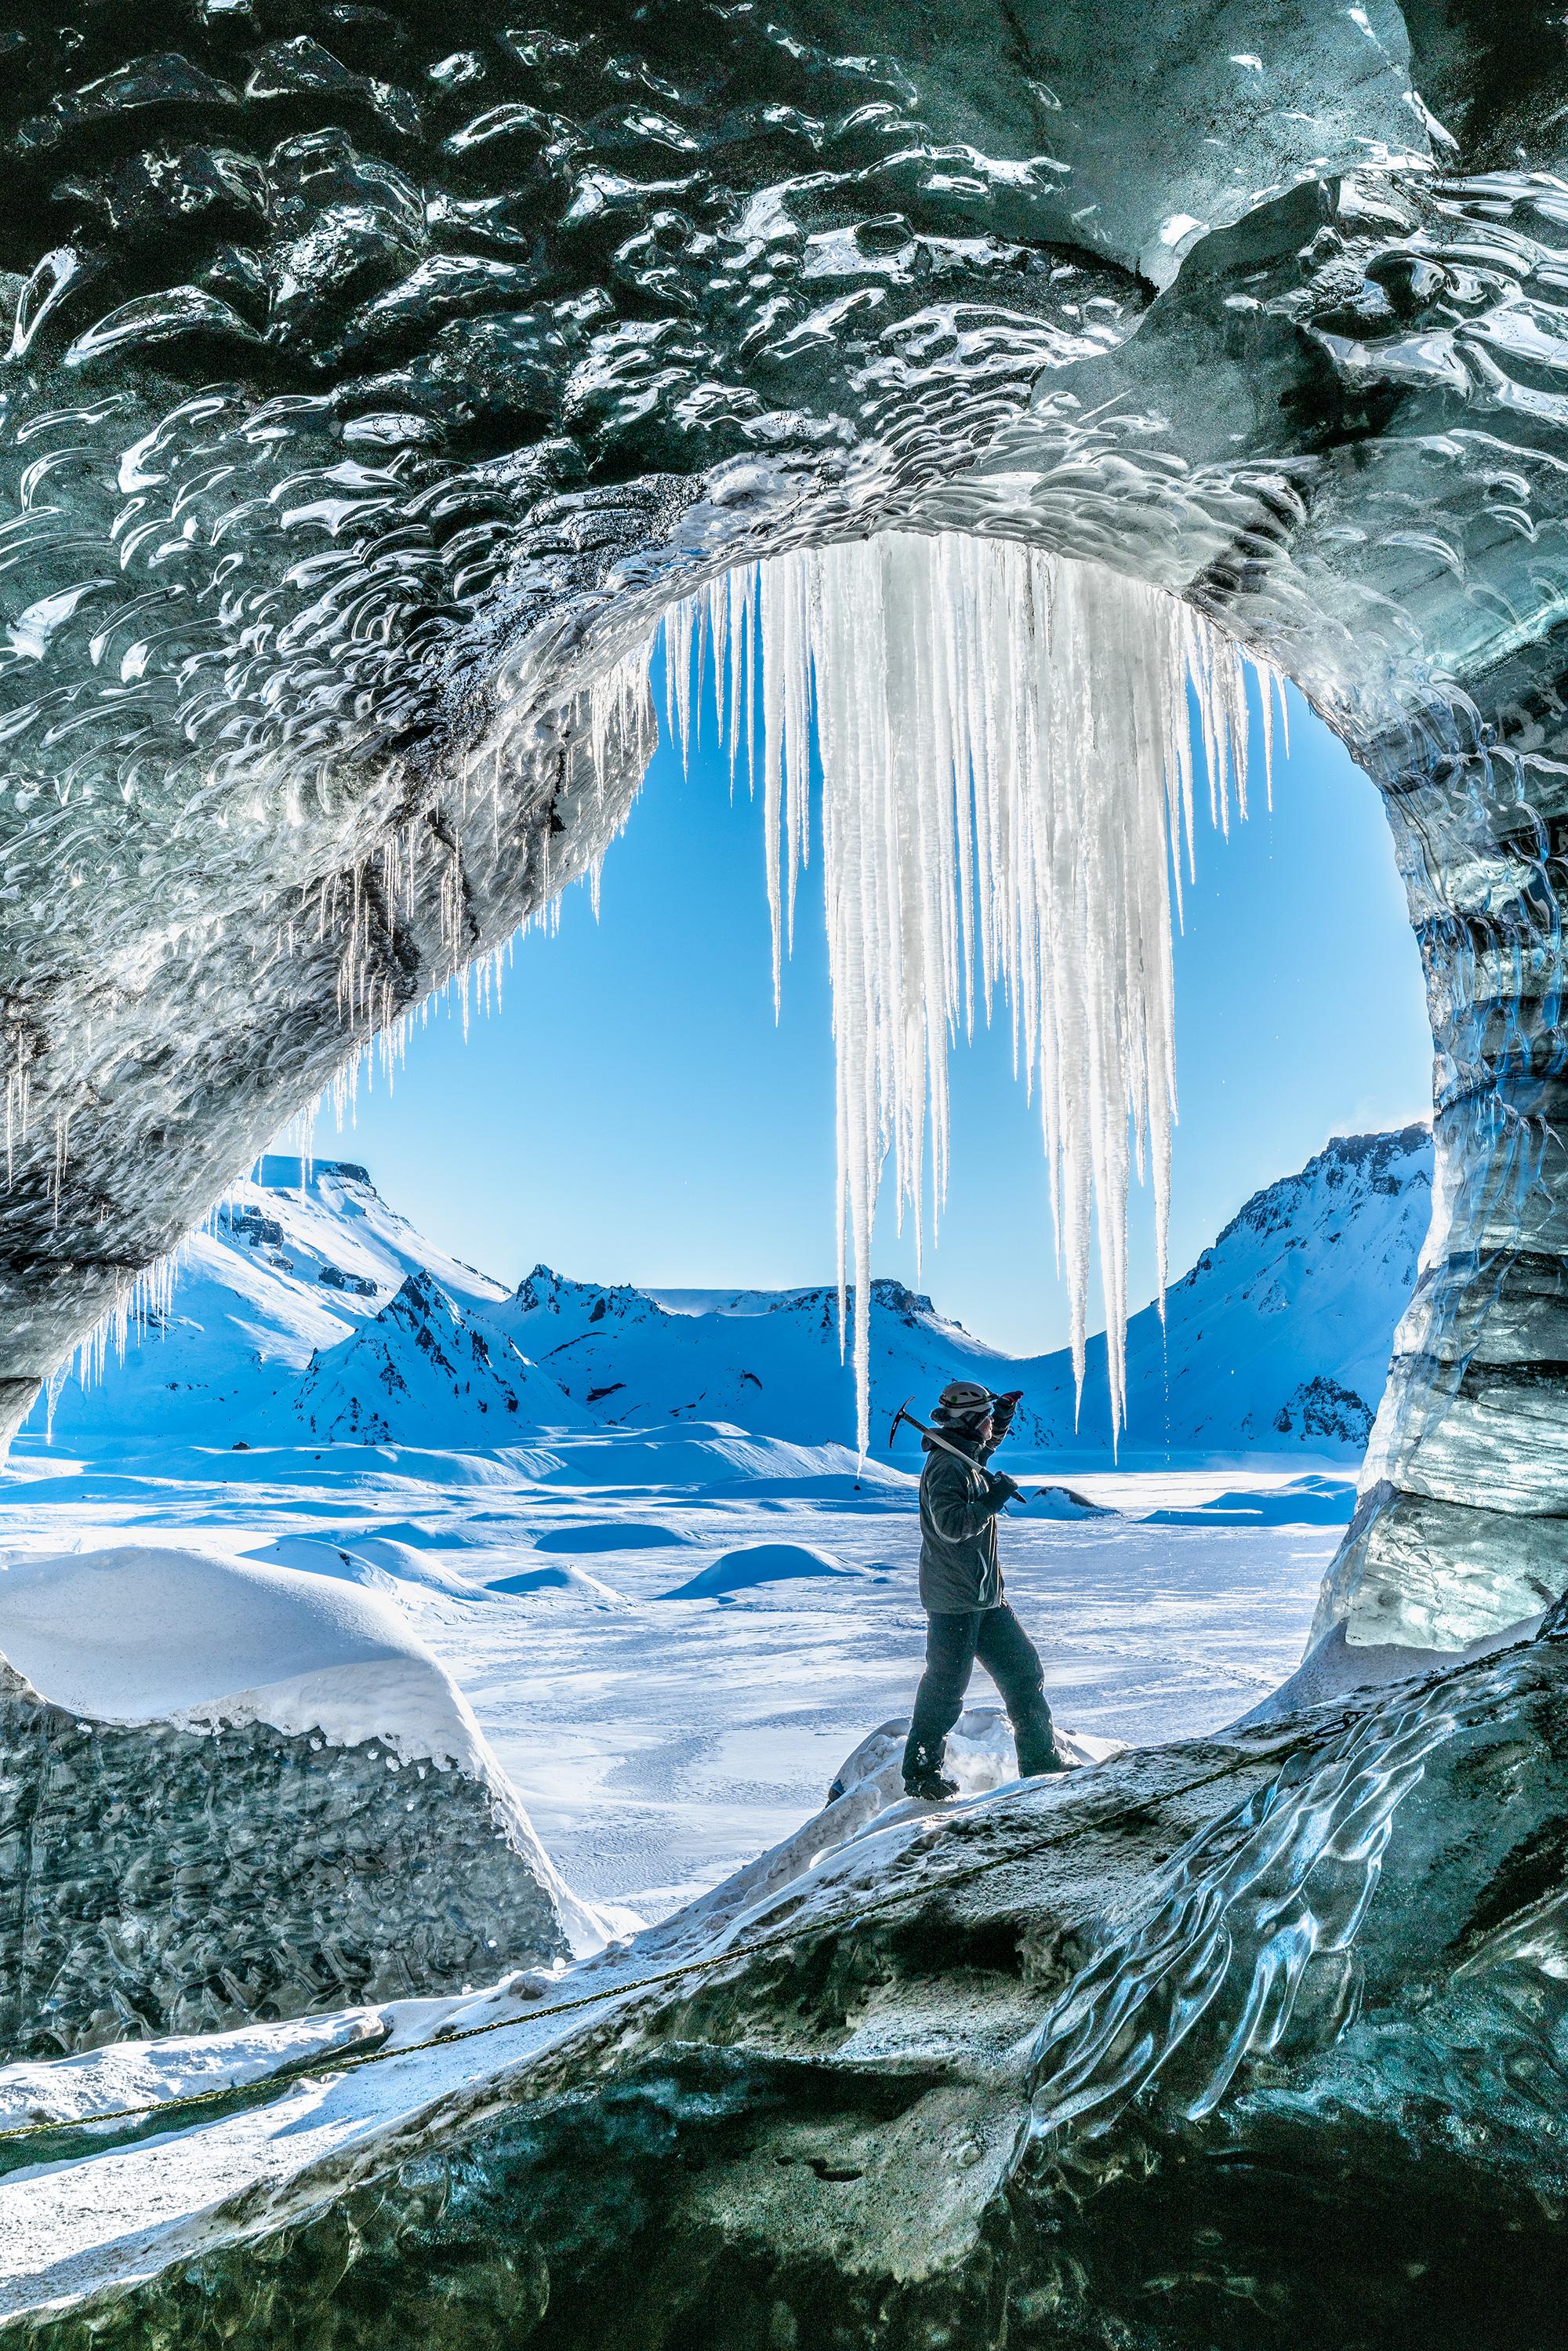 Jaskinie lodowe nad wulkanem Katla są otwarte również poza zwykłymi miesiącami zimowymi.